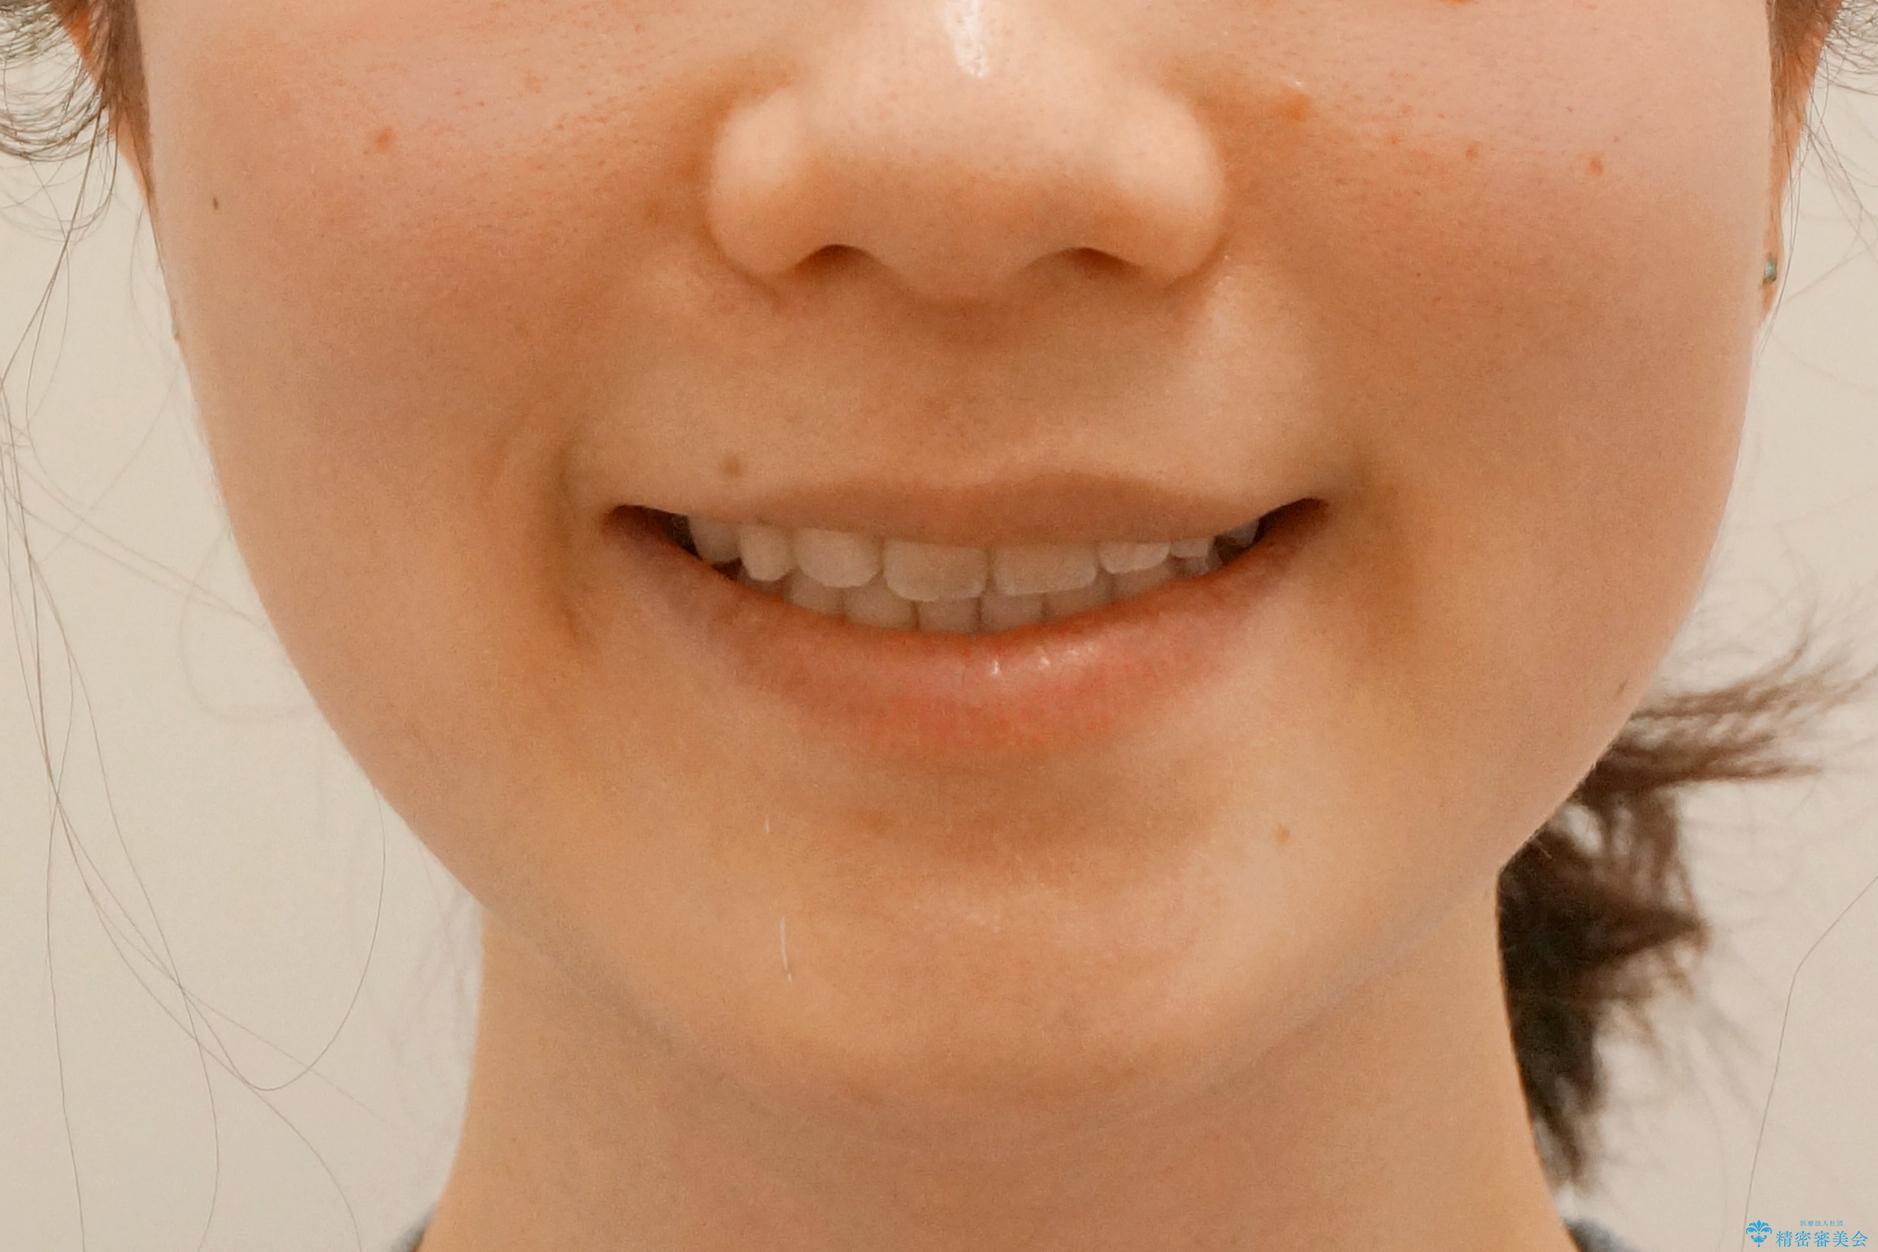 前歯が気になる 大人のマウスピース矯正 矮小歯を整えるの治療後(顔貌)